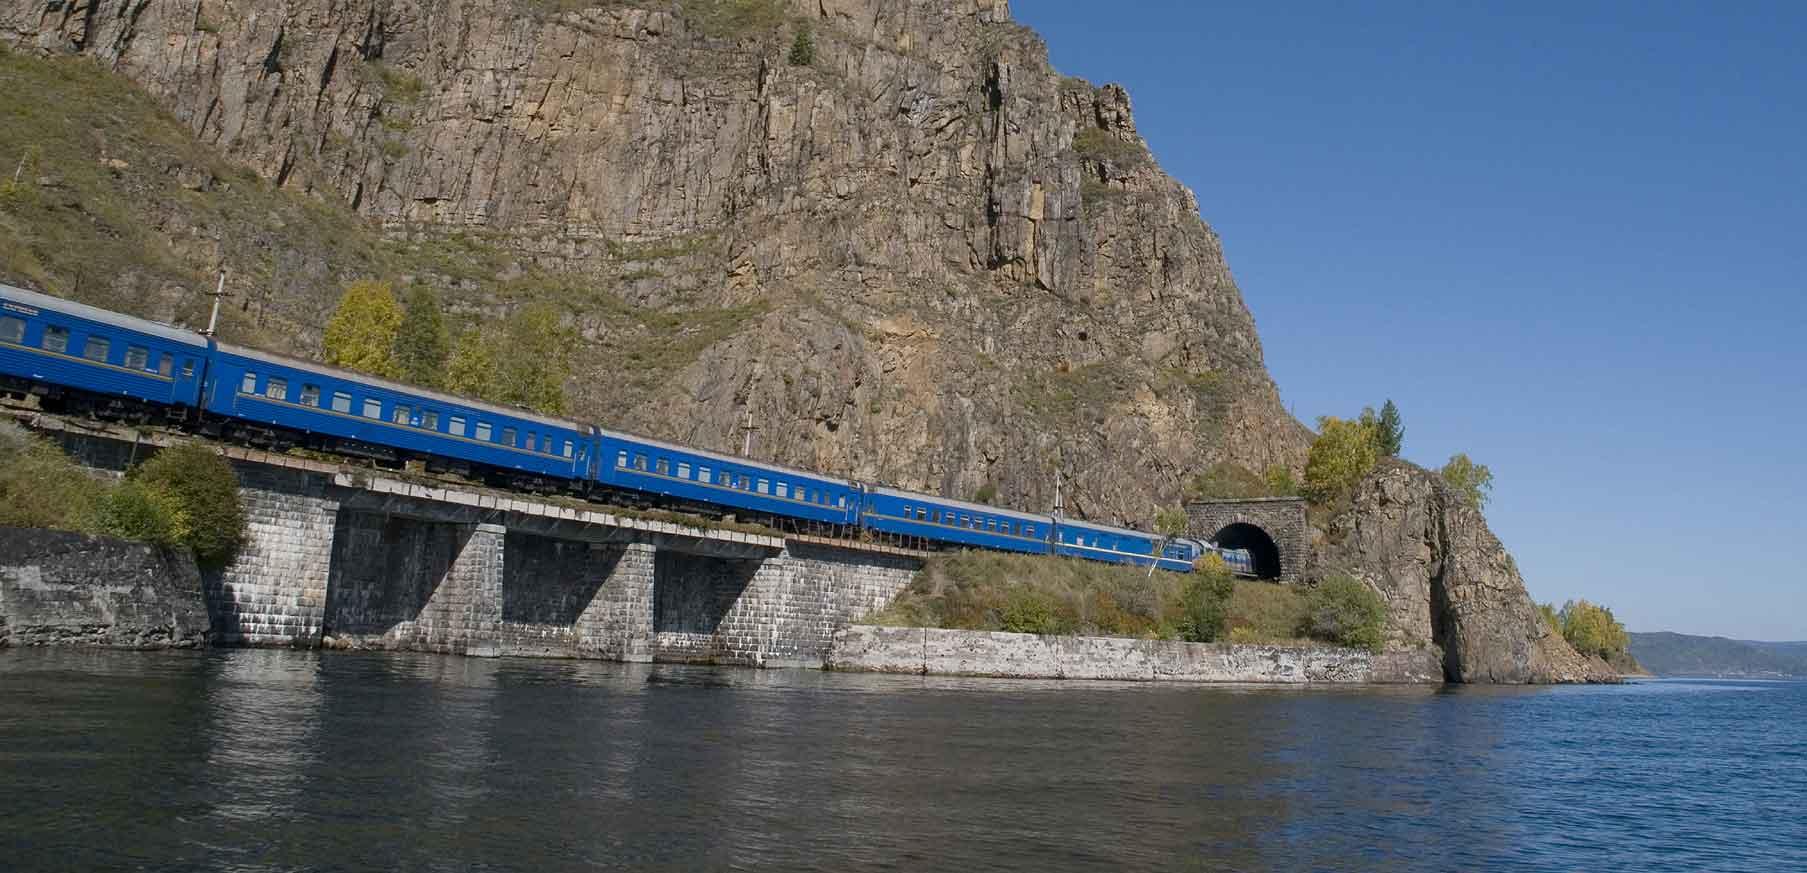 قطار سیبری از جاذبه های گردشگری روسیه